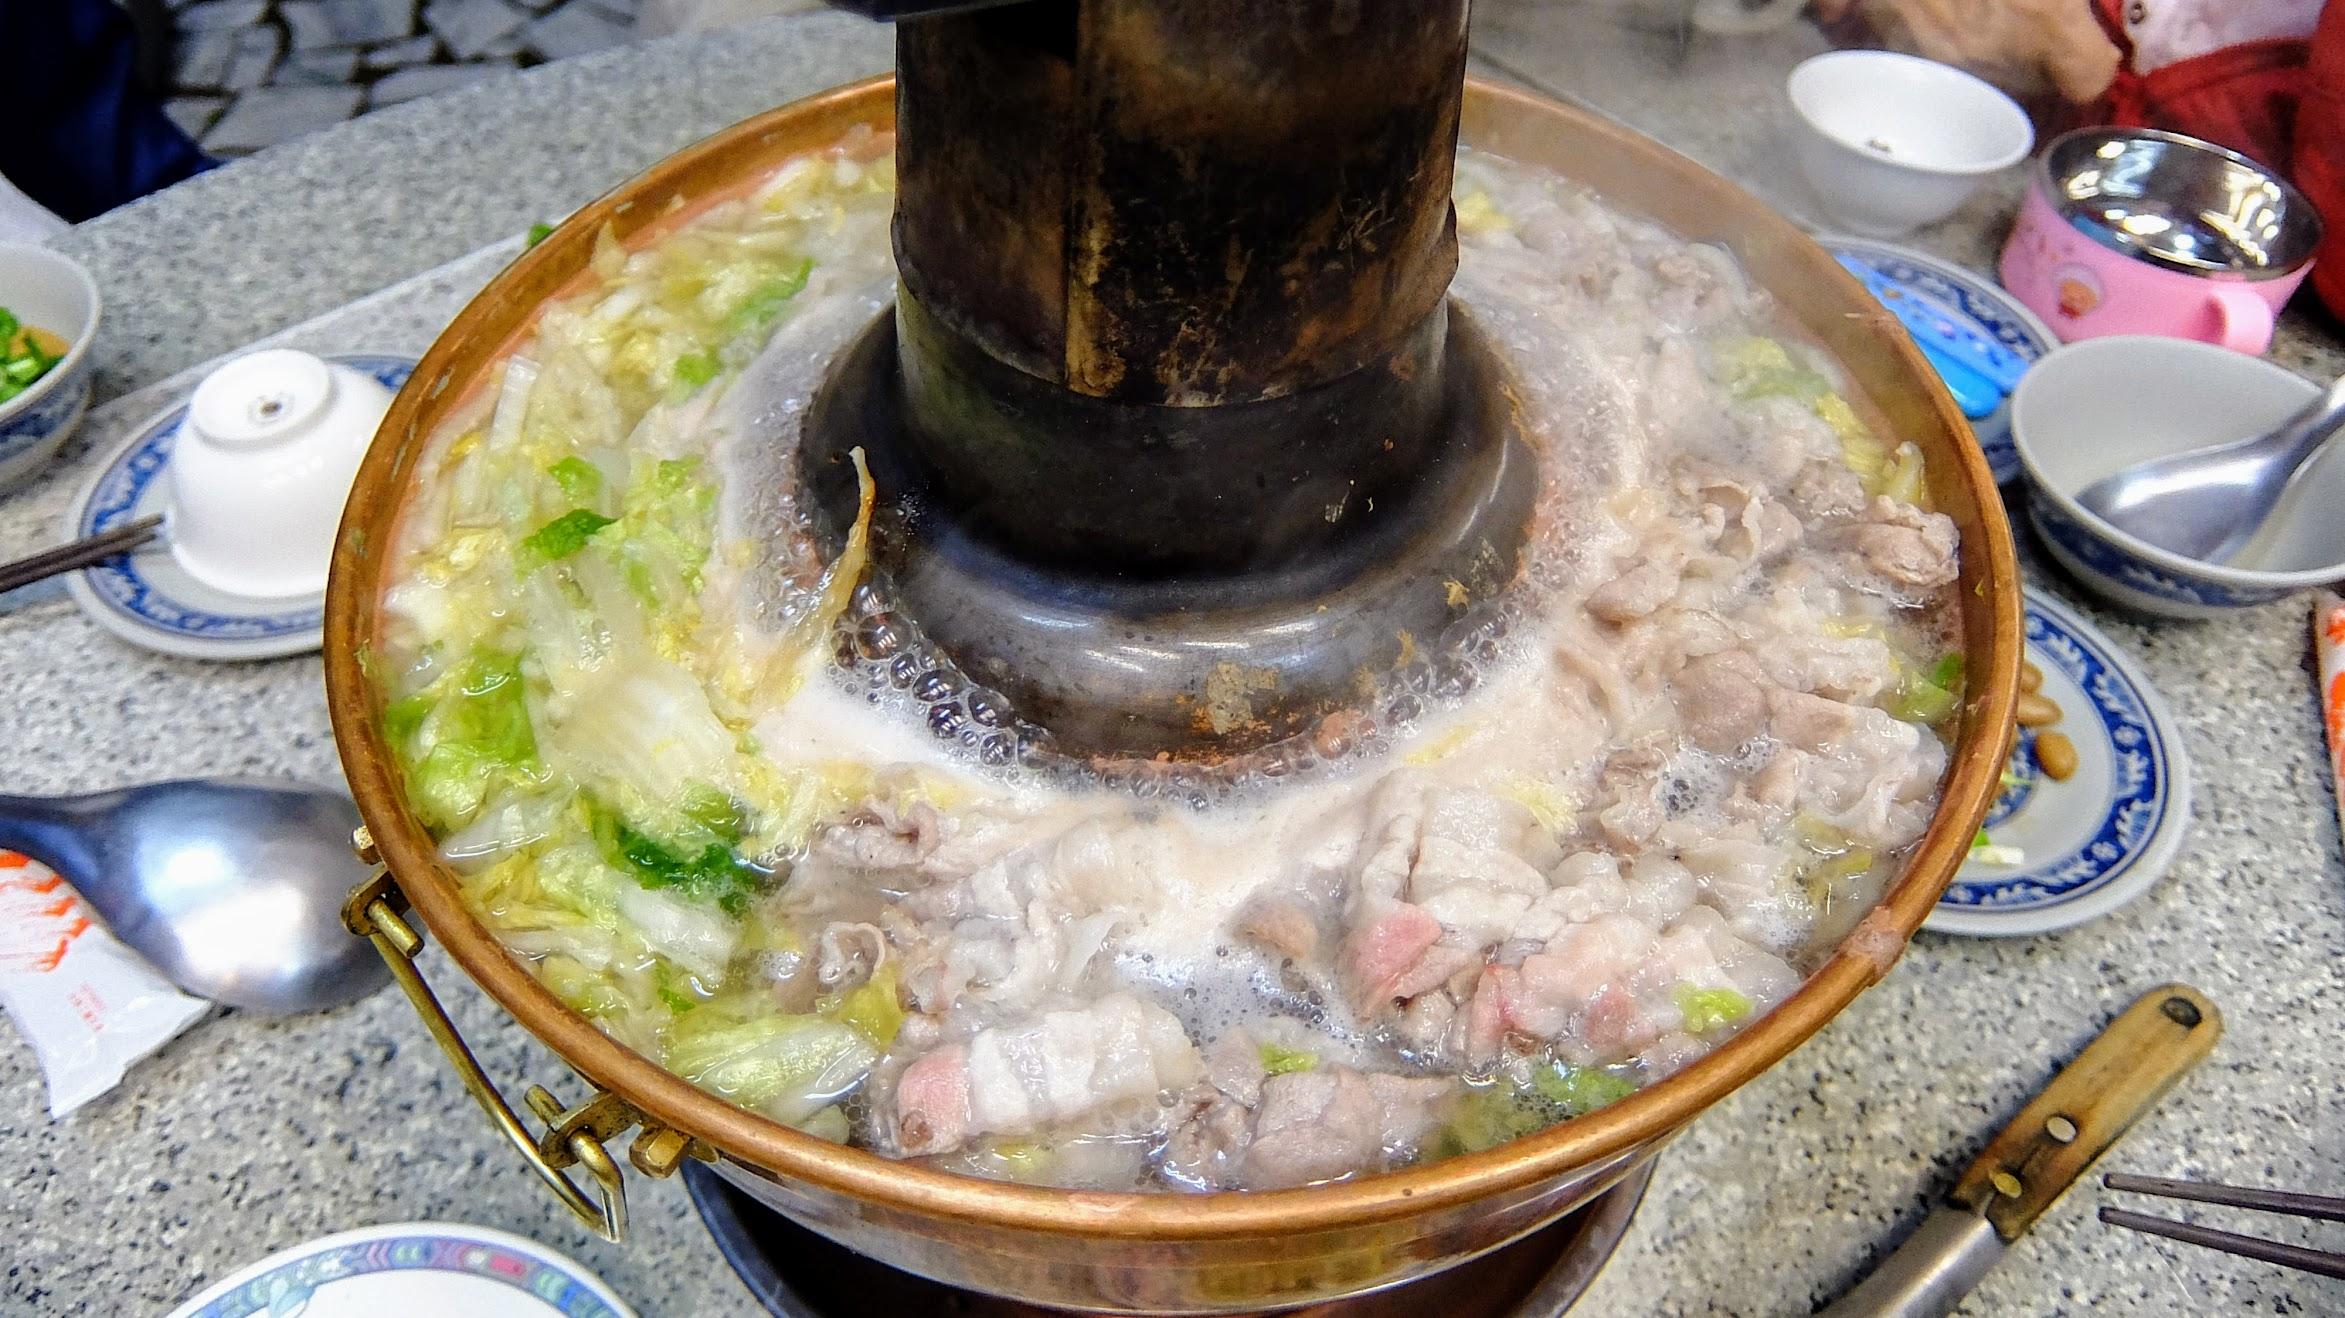 剛開始下鍋會覺得這鍋好多,酸白菜多,肉片多,幾輪下來就沒了XDD 酸白菜與湯頭預設不夠酸,可以跟老闆要求加厚..